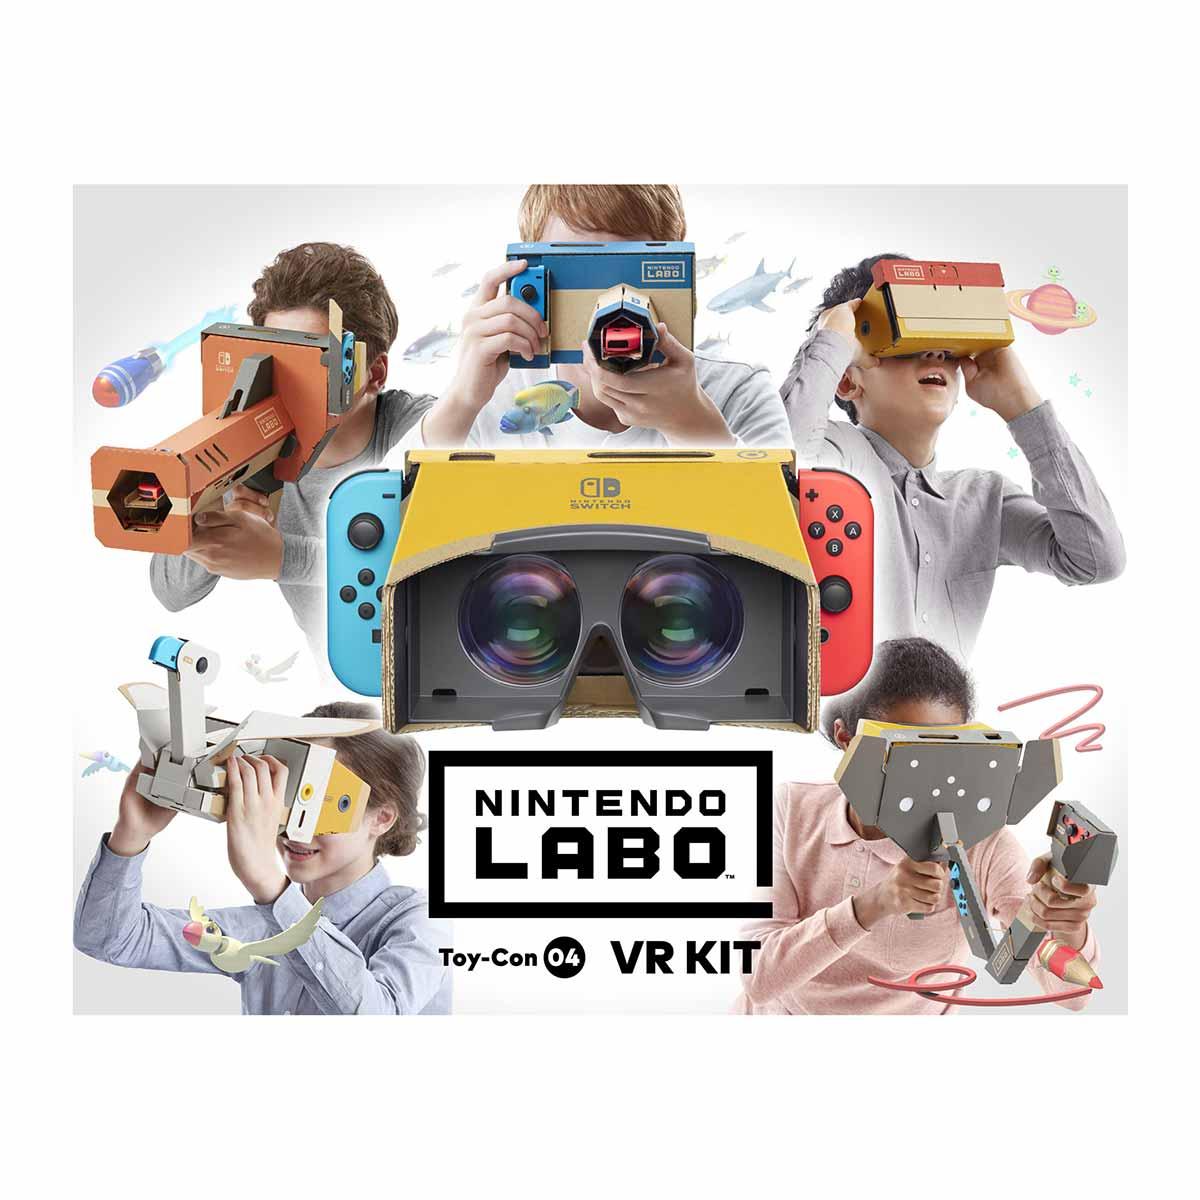 【今週発売の注目製品】任天堂から、SwitchでVRが楽しめる「Nintendo Labo: VR Kit」が登場